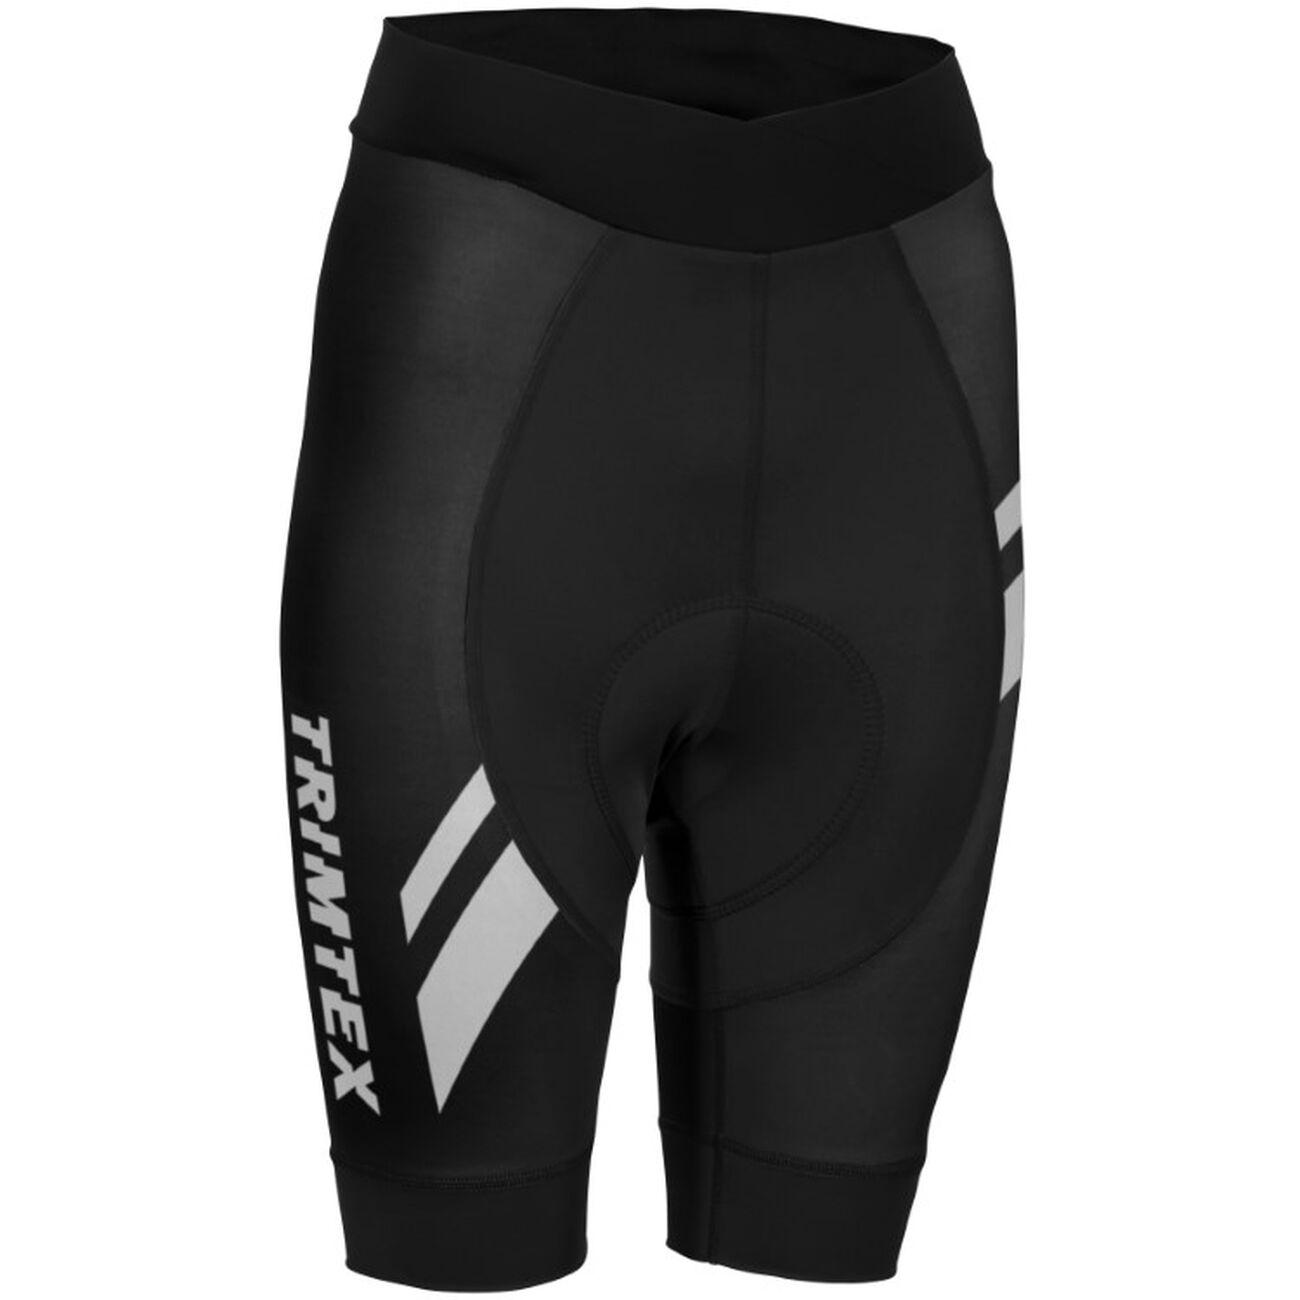 Team Shorts Women